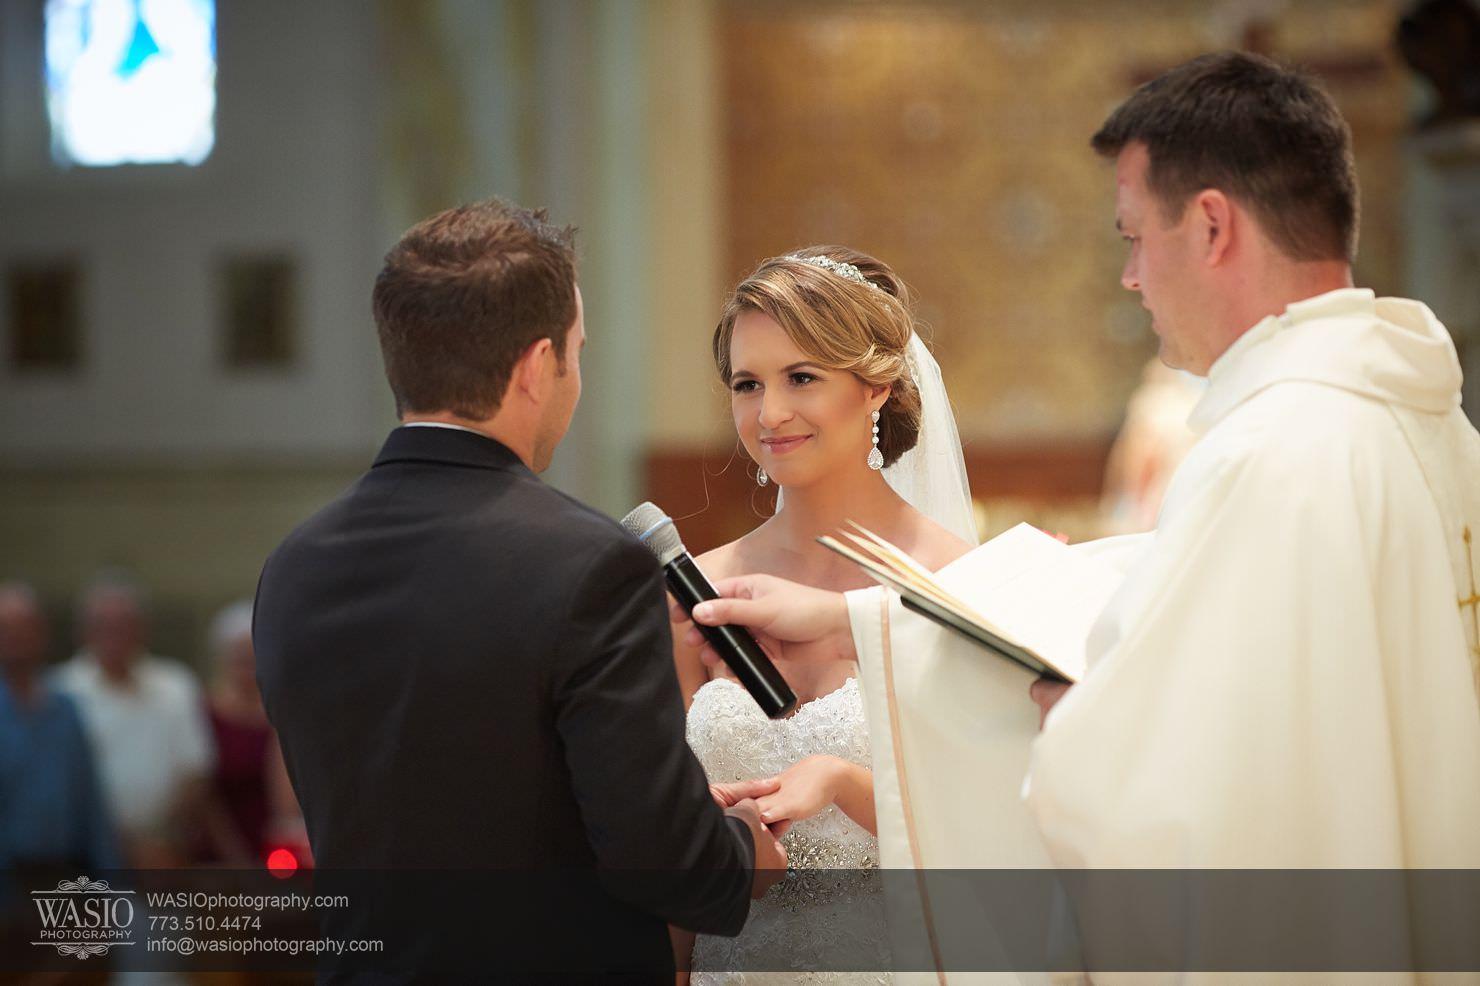 09_Chicago-Summer-Wedding_3P4C3912 Chicago Summer Wedding - Angelica & Pawel